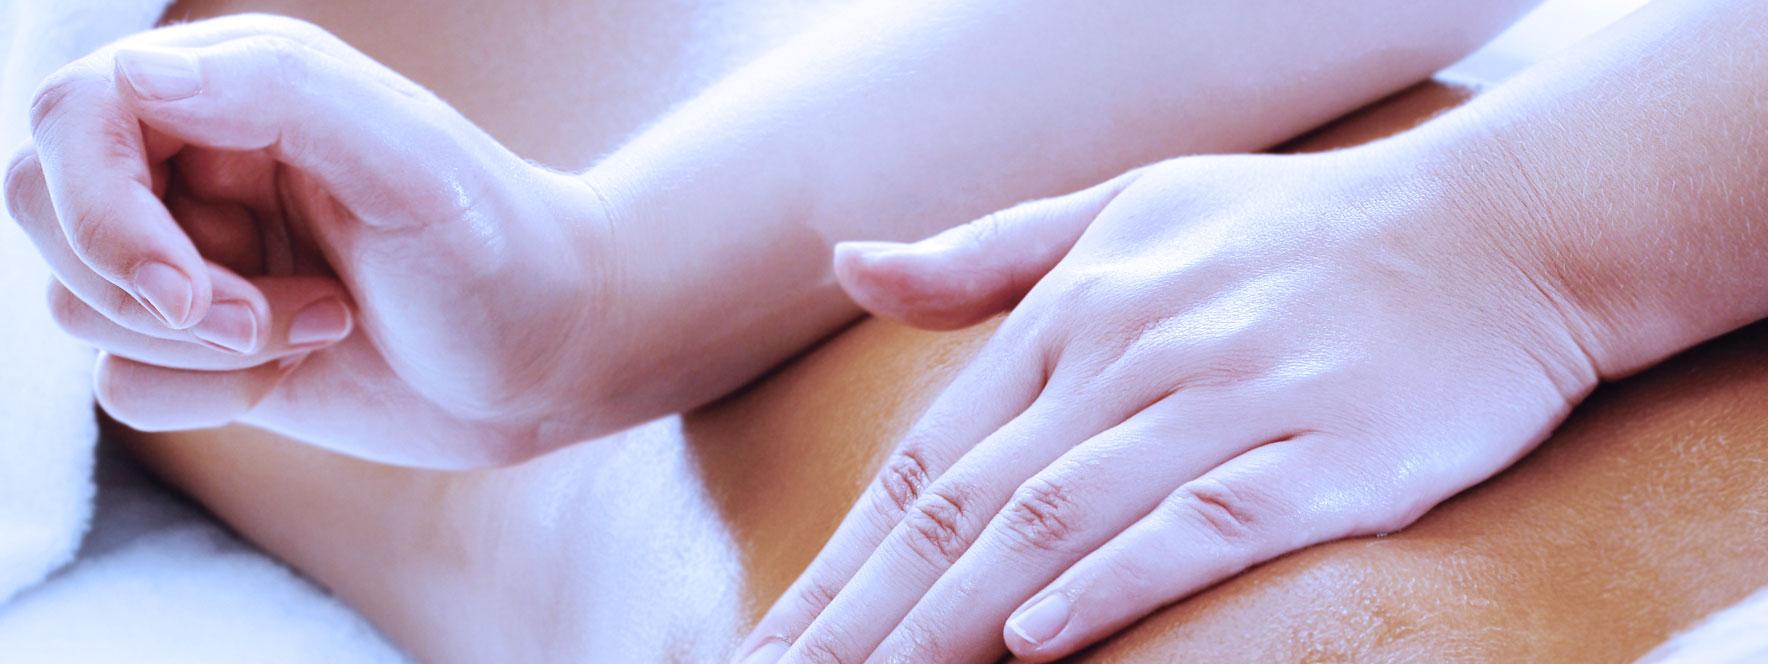 Massothérapie et réadaptation d'une blessure musculaire - Blogue du Réseau